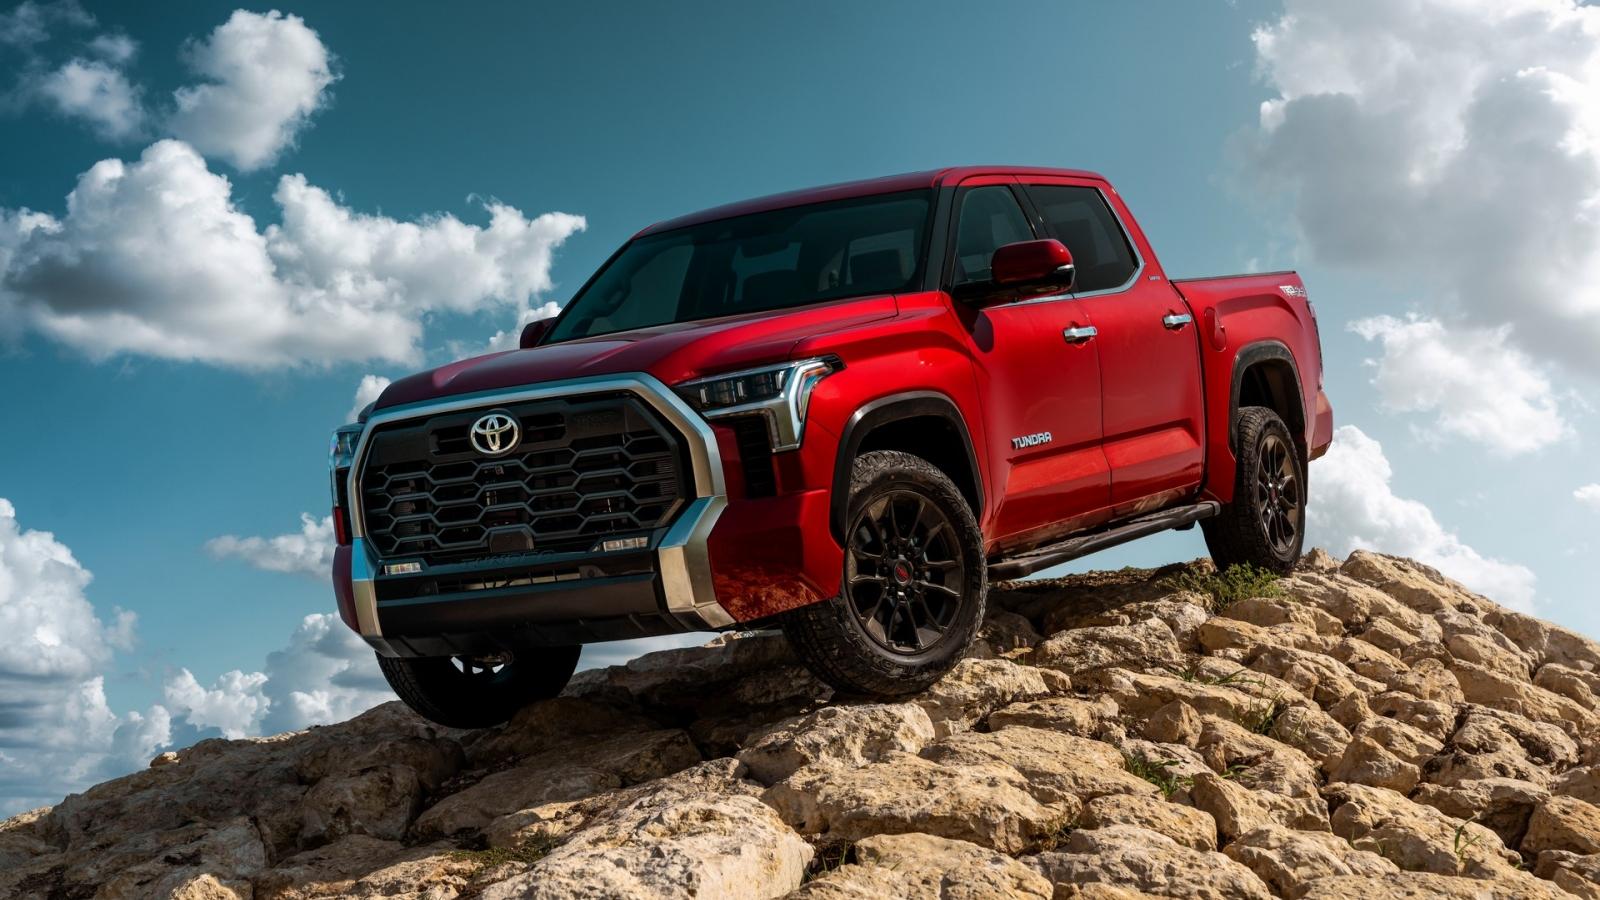 Toyota Tundra thế hệ mới chính thức ra mắt với nhiều nâng cấp